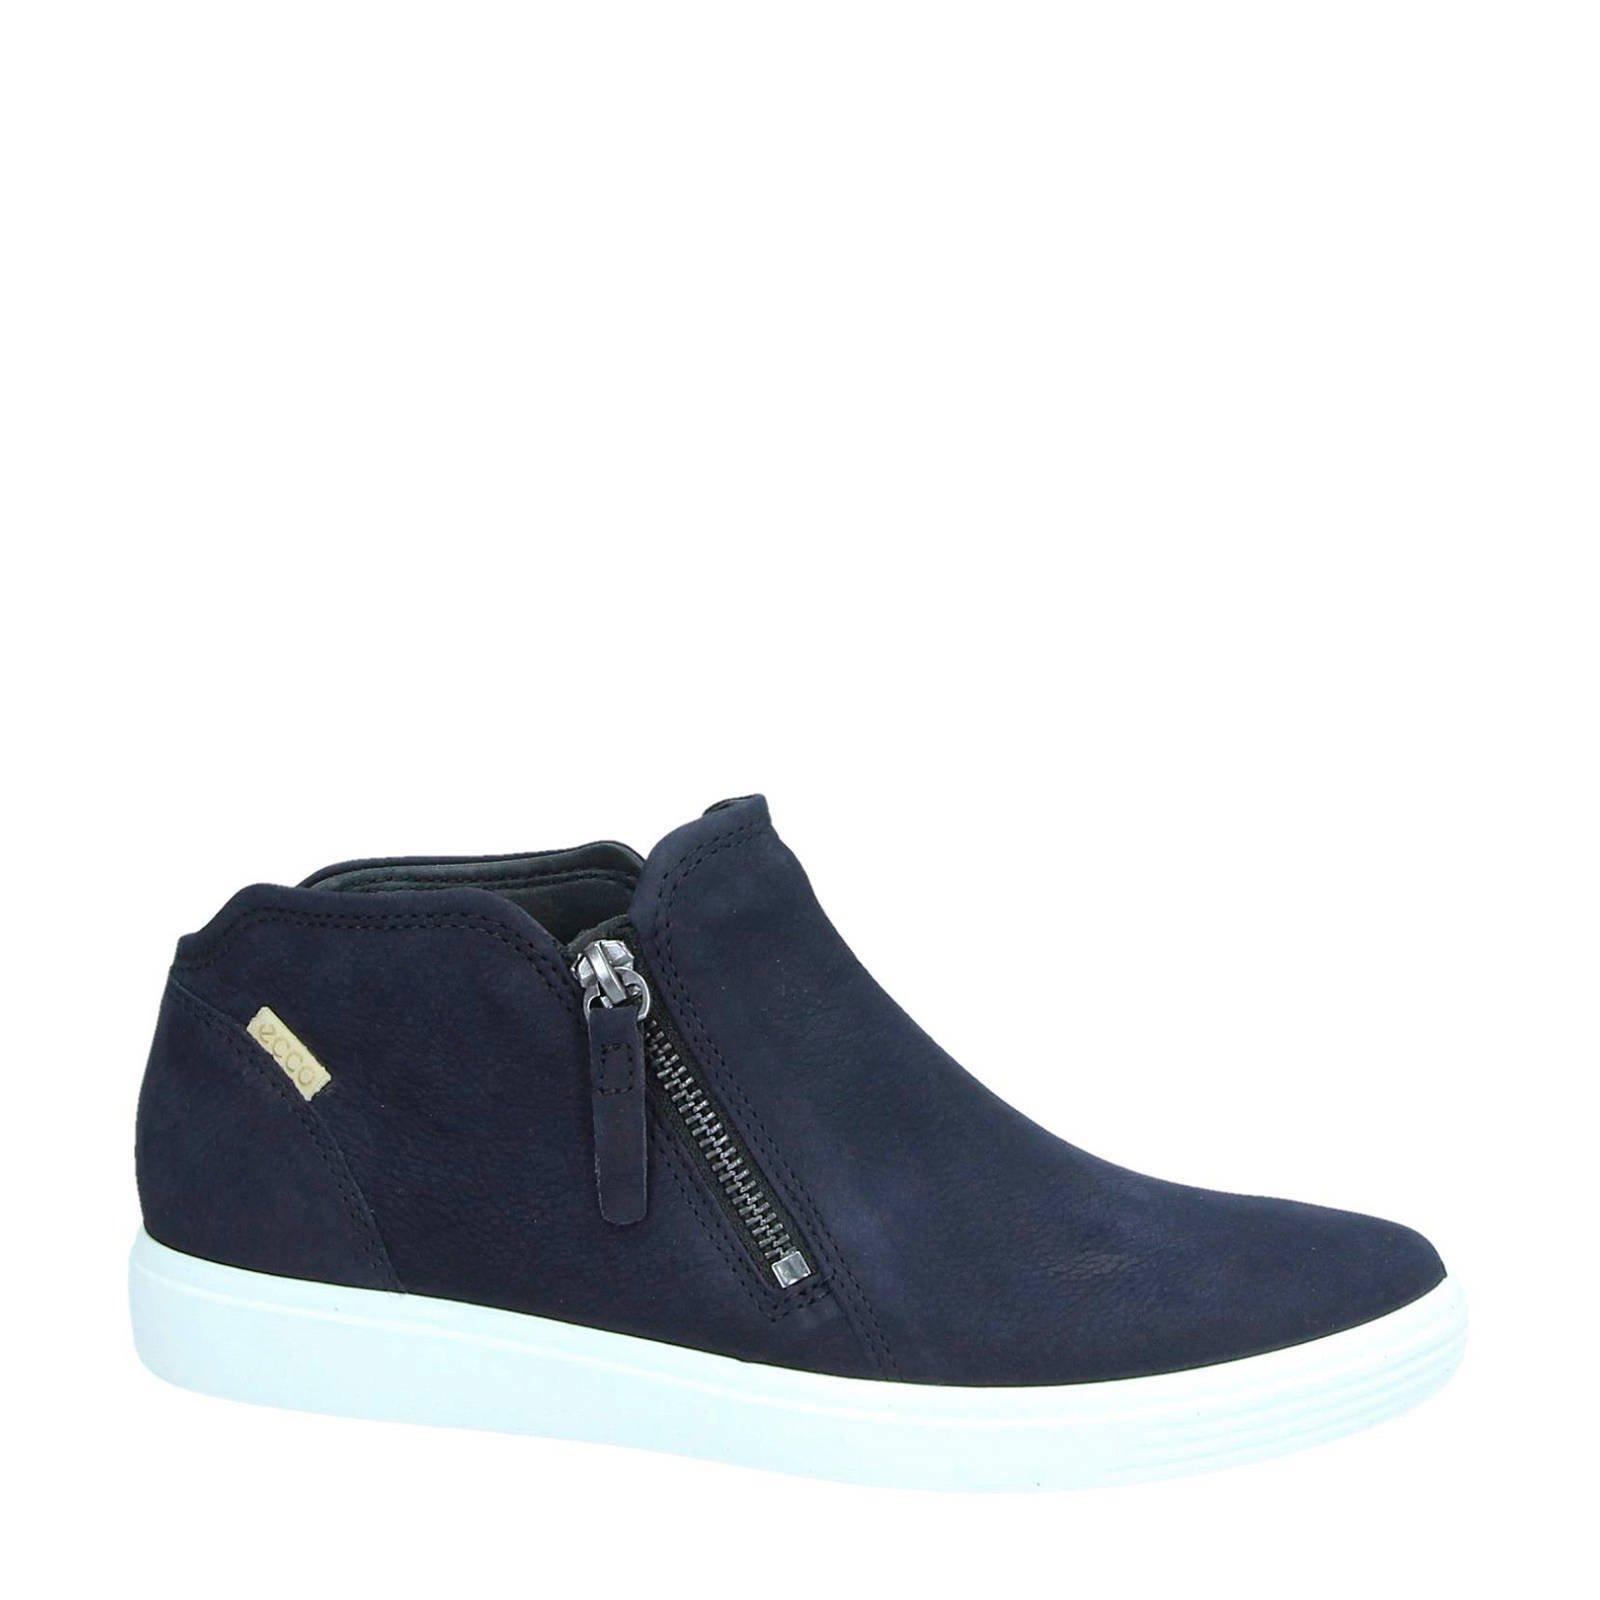 Ecco nubuck sneakers Soft 7 blauw Blauw, Schoenen en